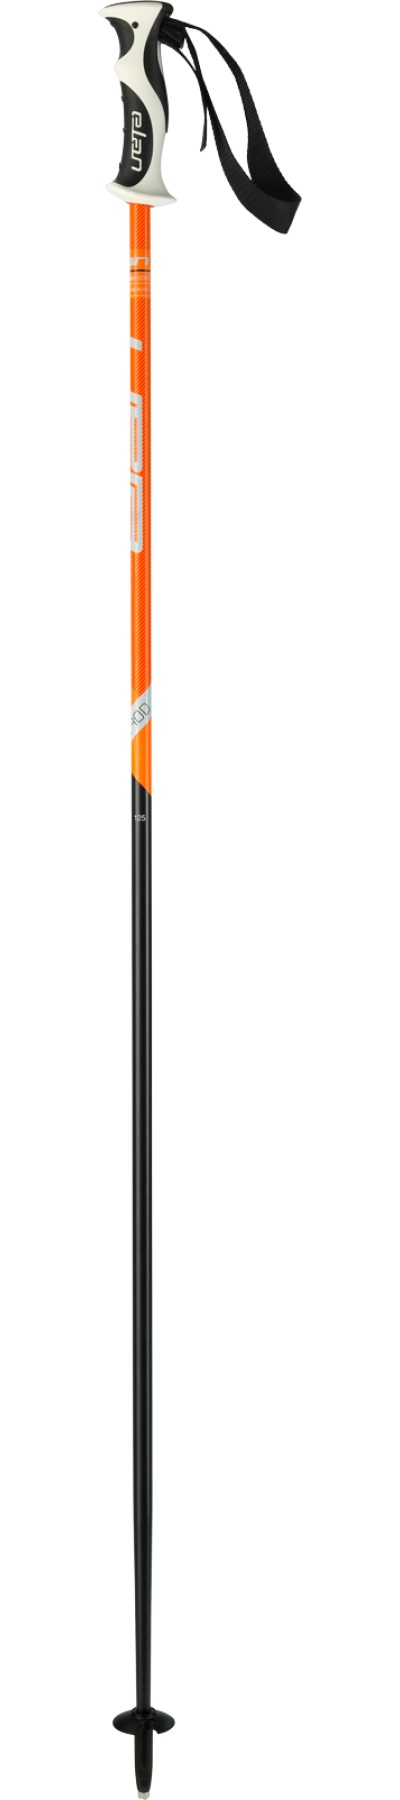 Горнолыжные палки Elan 2017-18 SP HOTrod F.ORANGE (см:120)